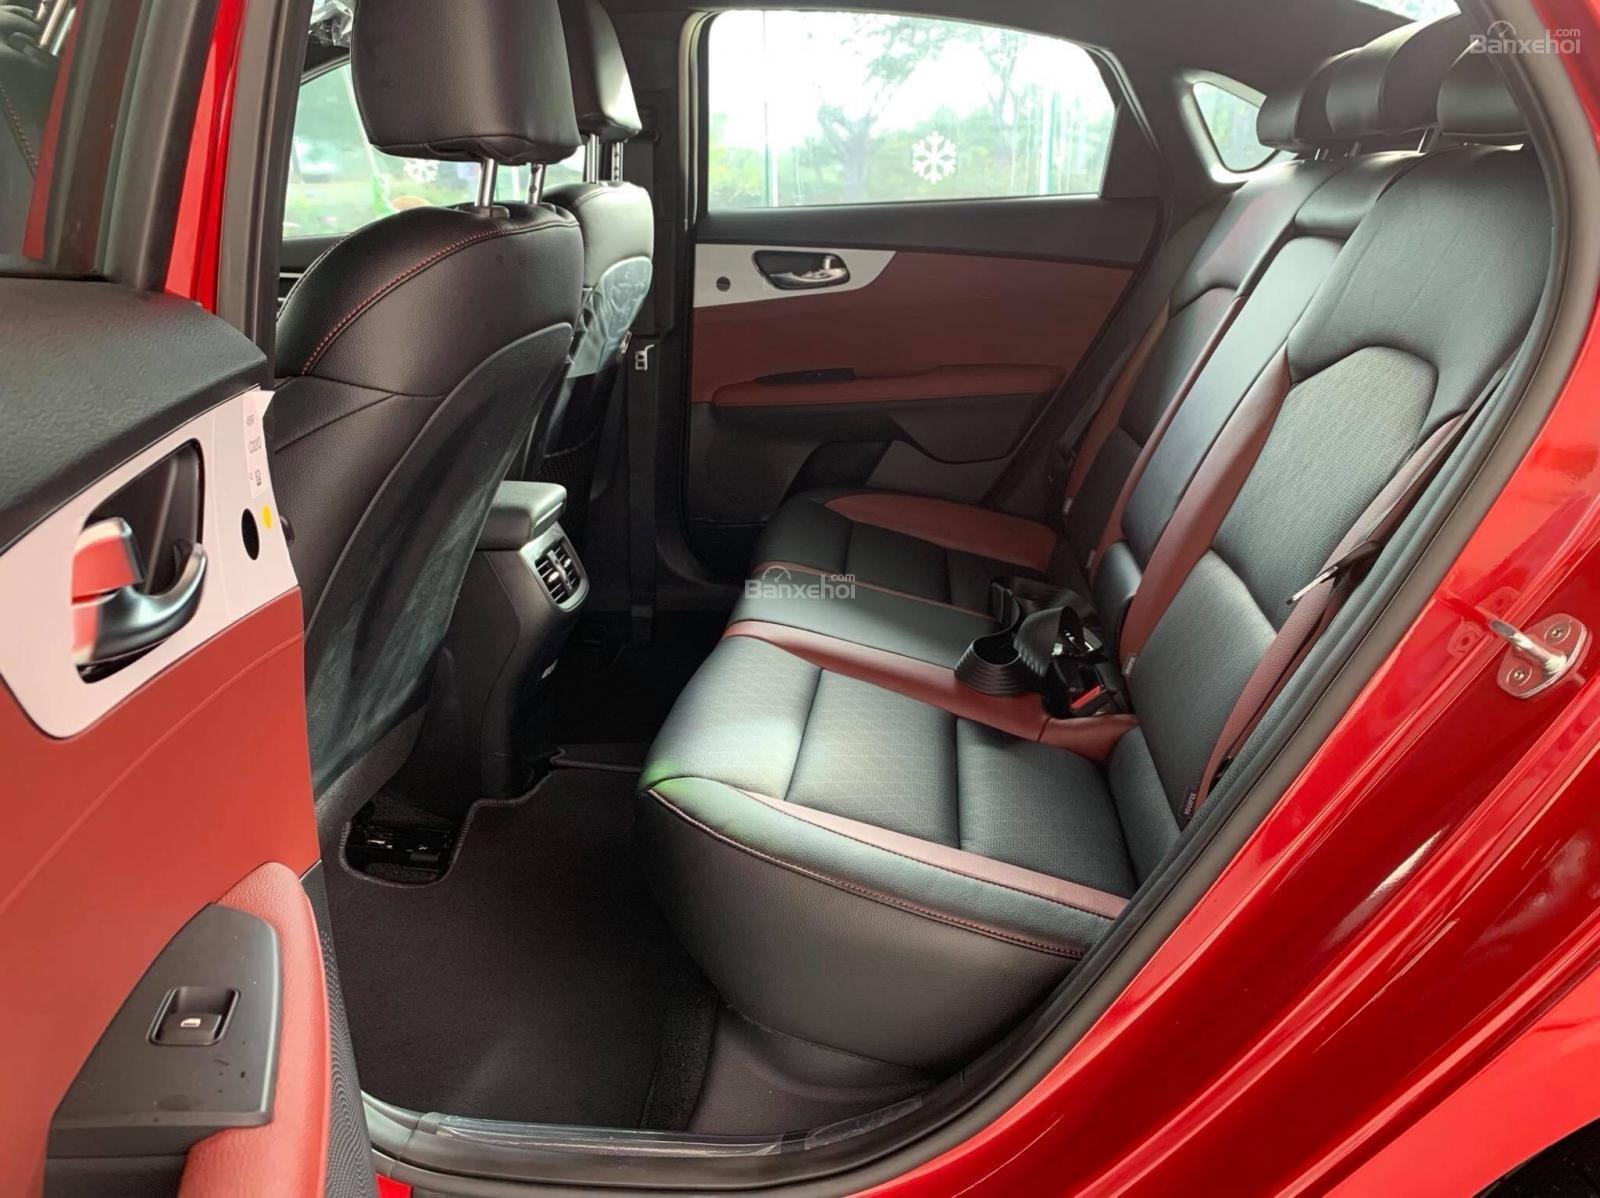 Kia Cerato 2019 All New đầy đủ màu đủ, phiên bản giao xe nhanh chóng nhiều ưu đãi, LH 0972268021 (Huấn)-5